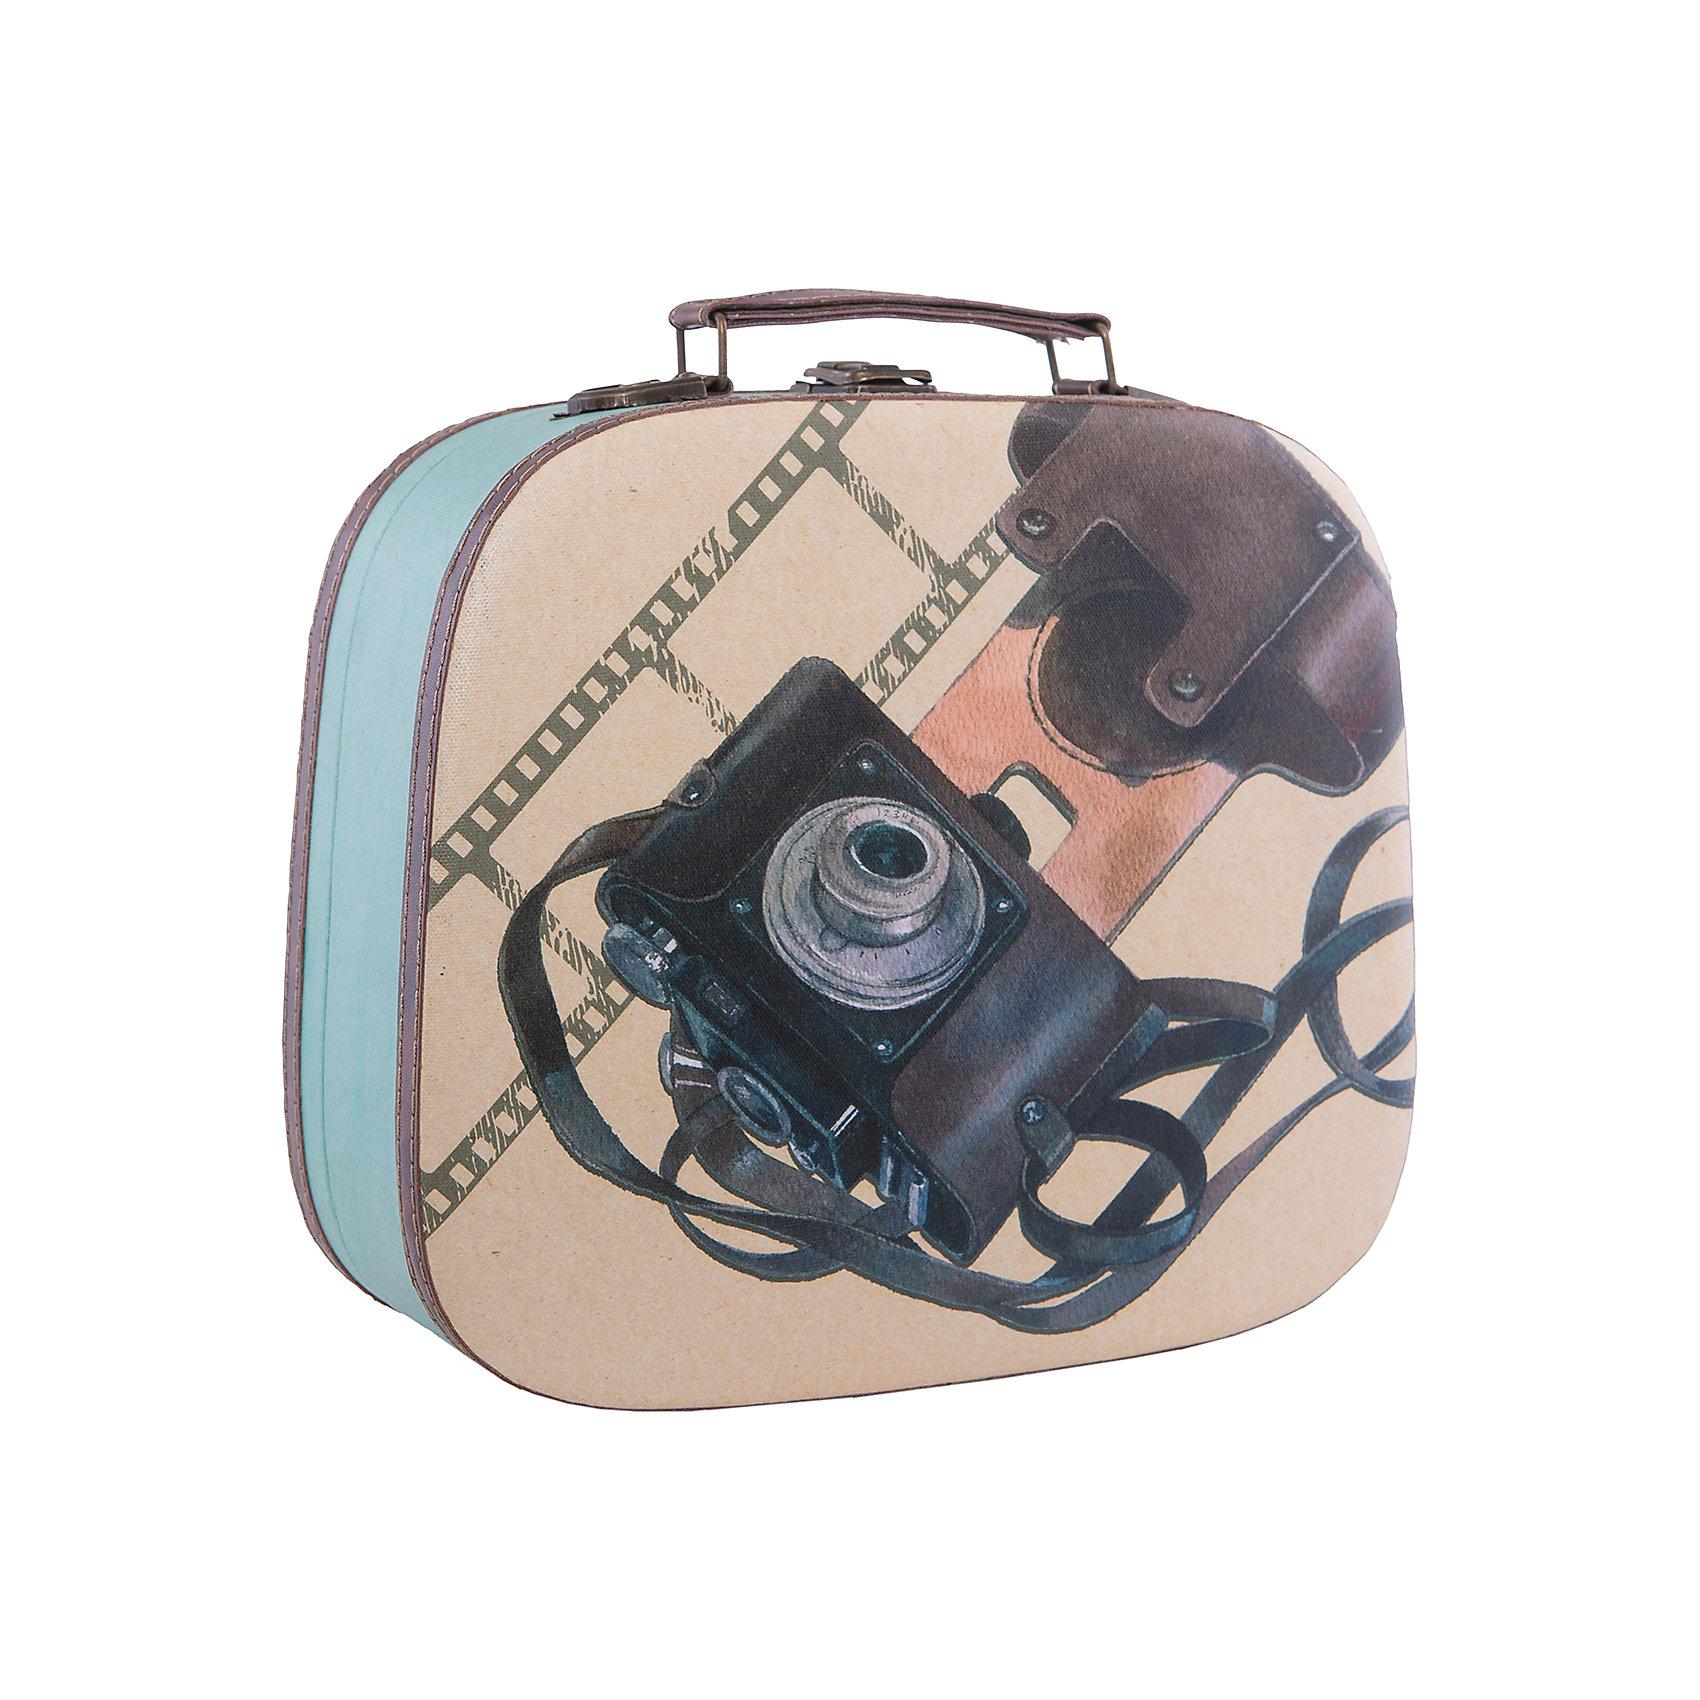 Феникс-Презент Шкатулка декоративная  Фотоаппарат купить хороший недорогой фотоаппарат отзывы